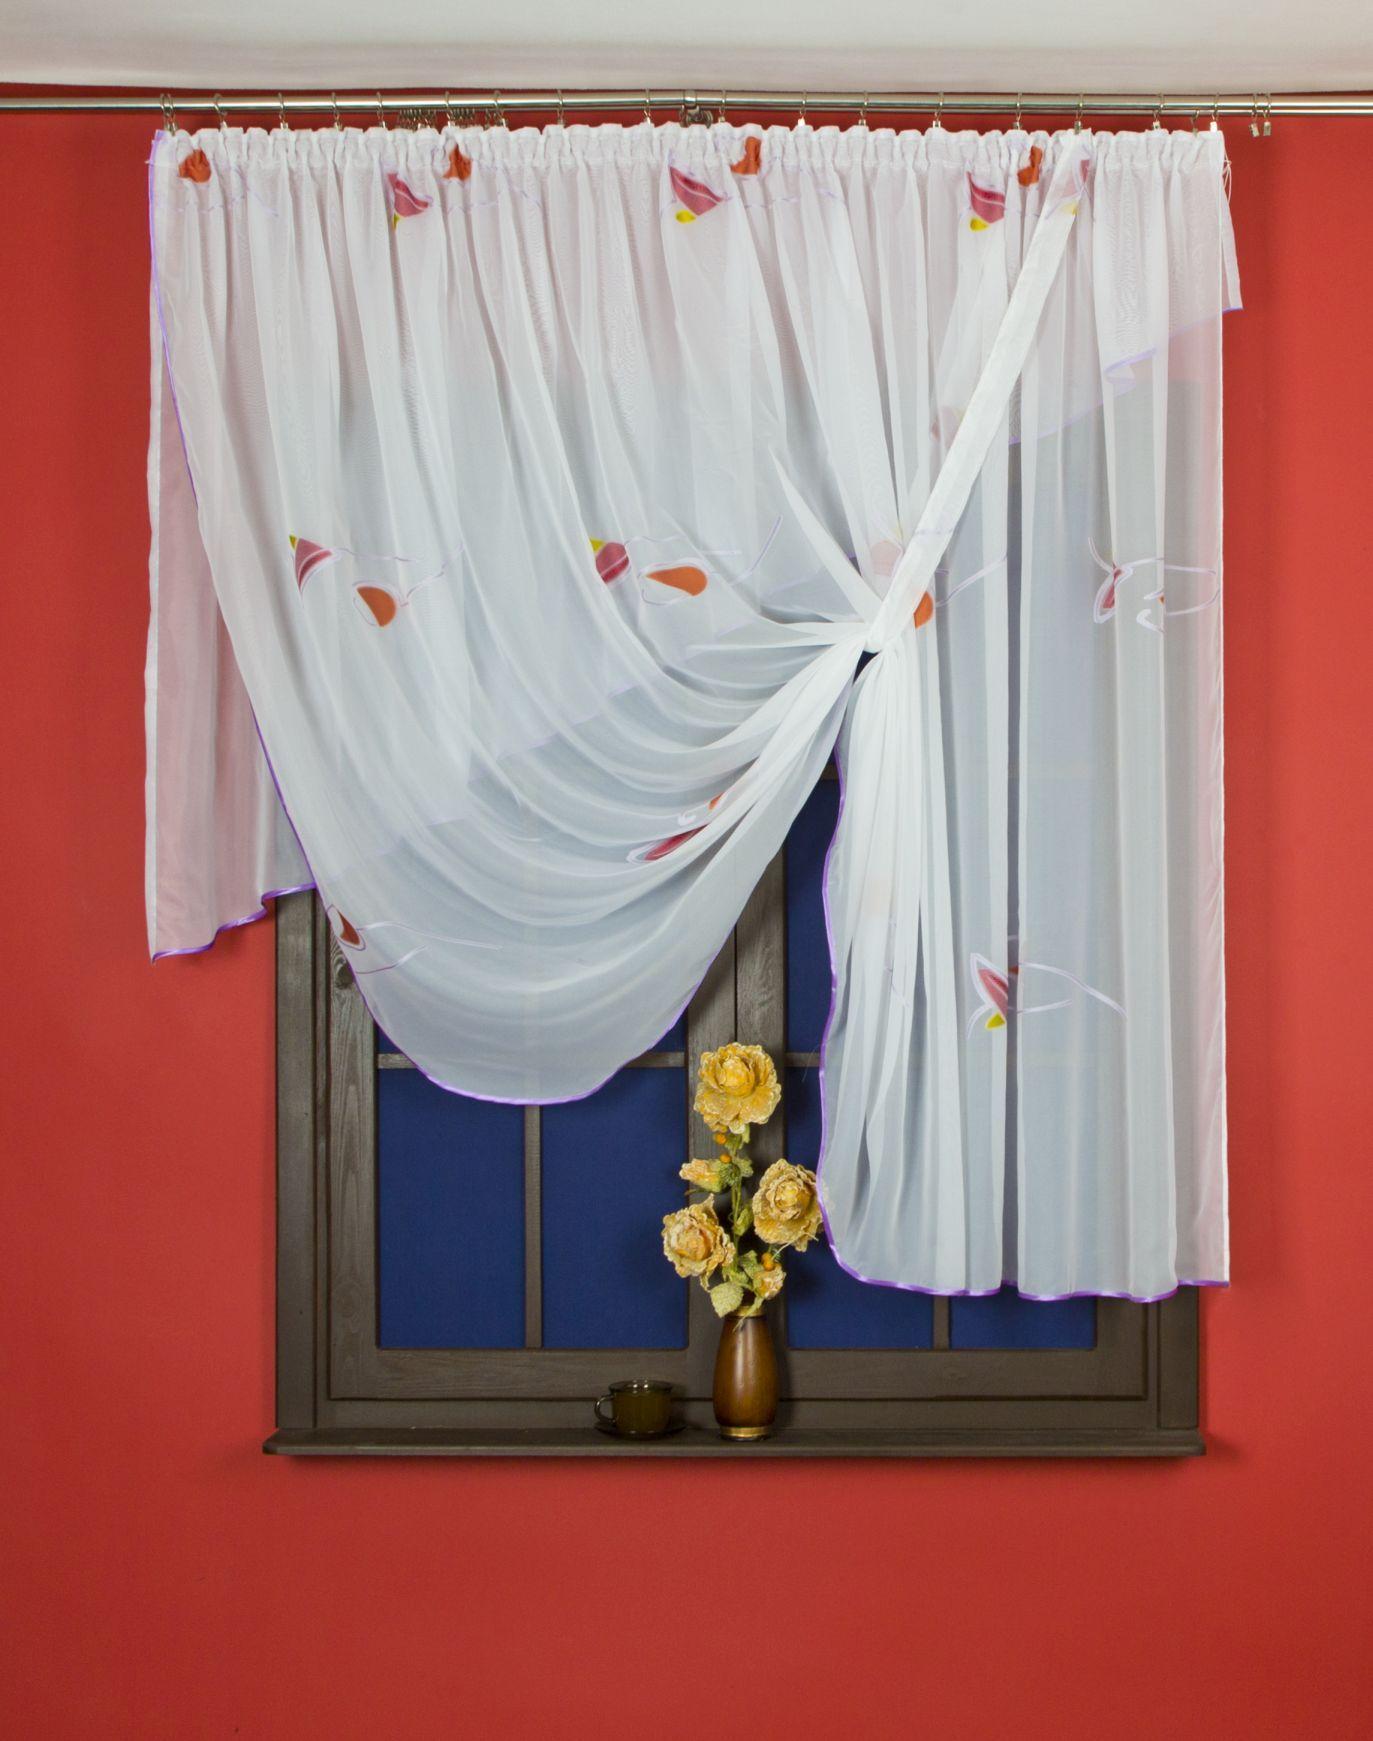 Firana Gotowa Z Kwiatami 150 X 300 Cm Elegancka Firana Obszyta Piekna Atlasowa Lamowka Piekny Kwiatowy Wzor Wprowadzi Do Kazdego Wn Decor Home Decor Curtains